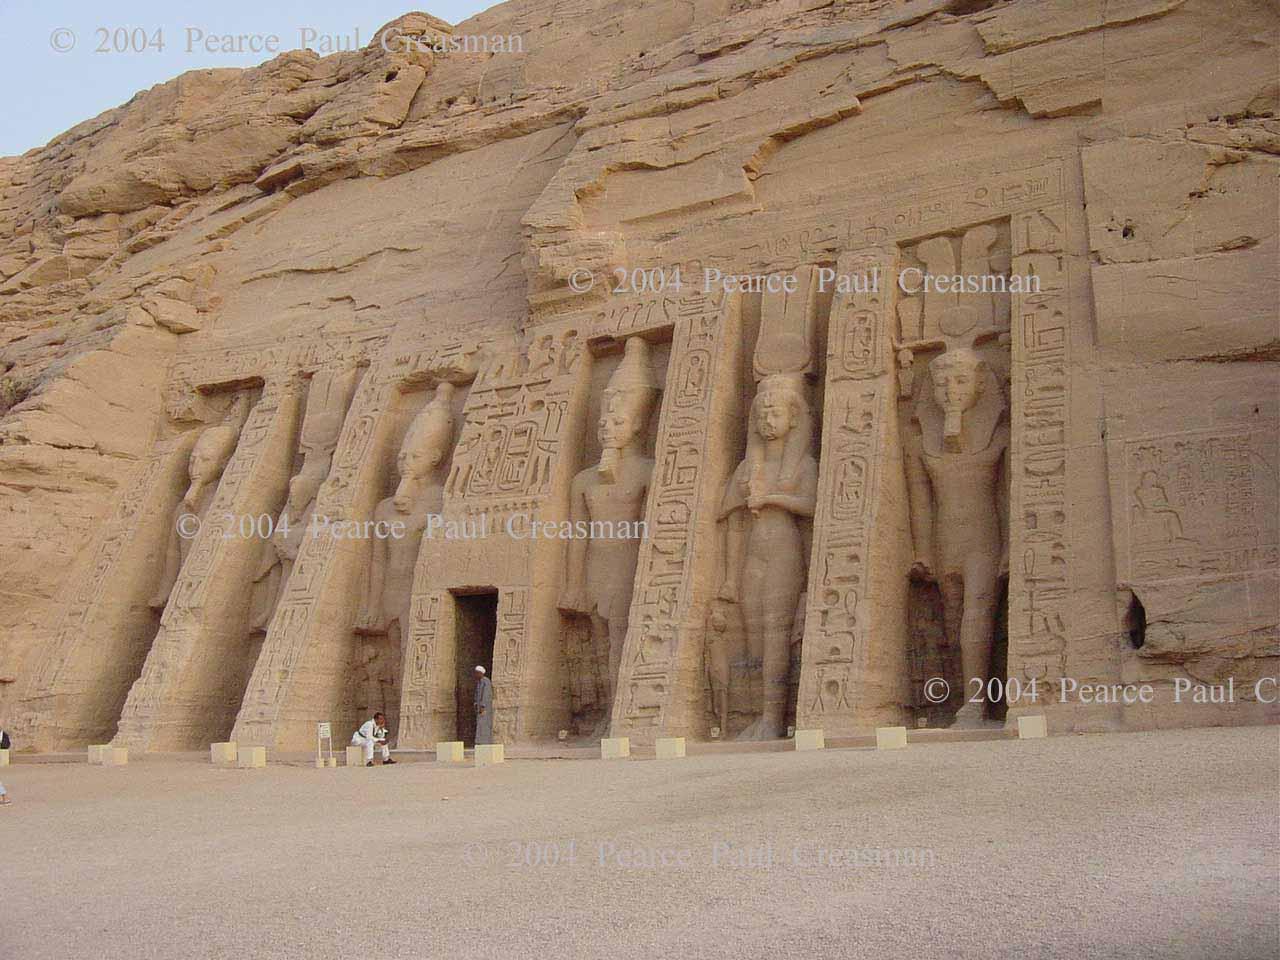 Temple of Nefertari at Abu Simbel